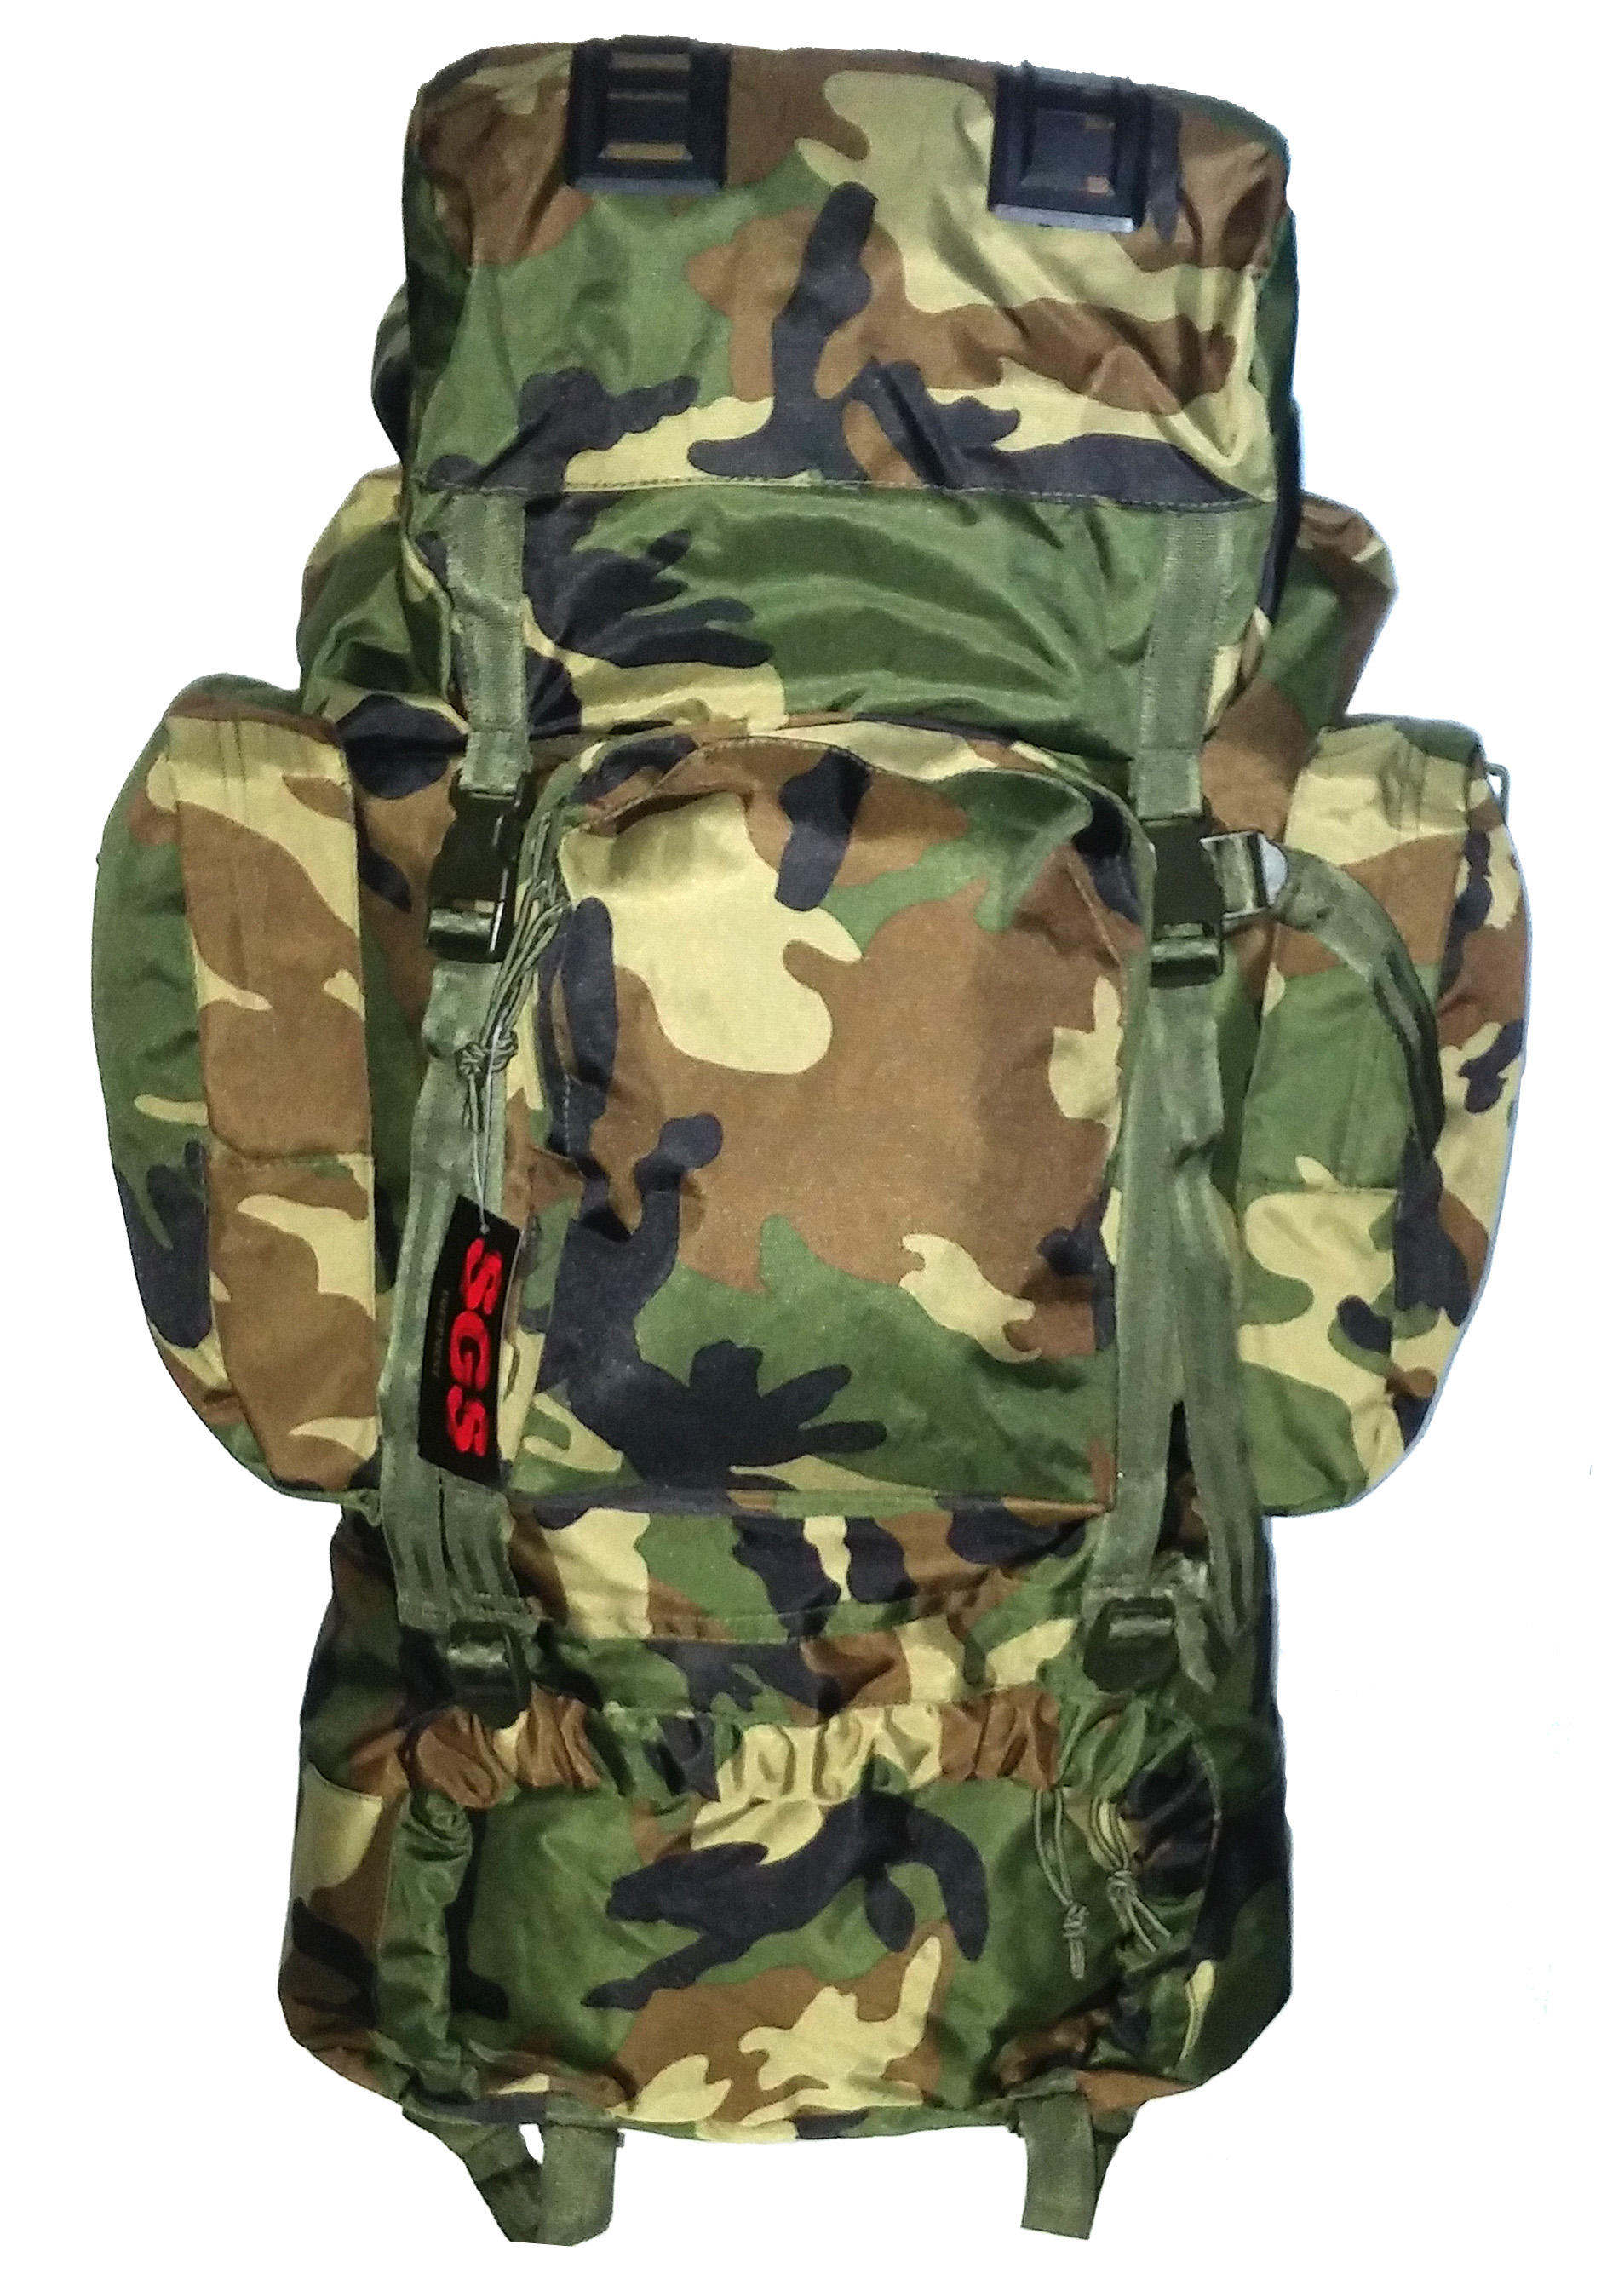 Rack sack de combat camouflage